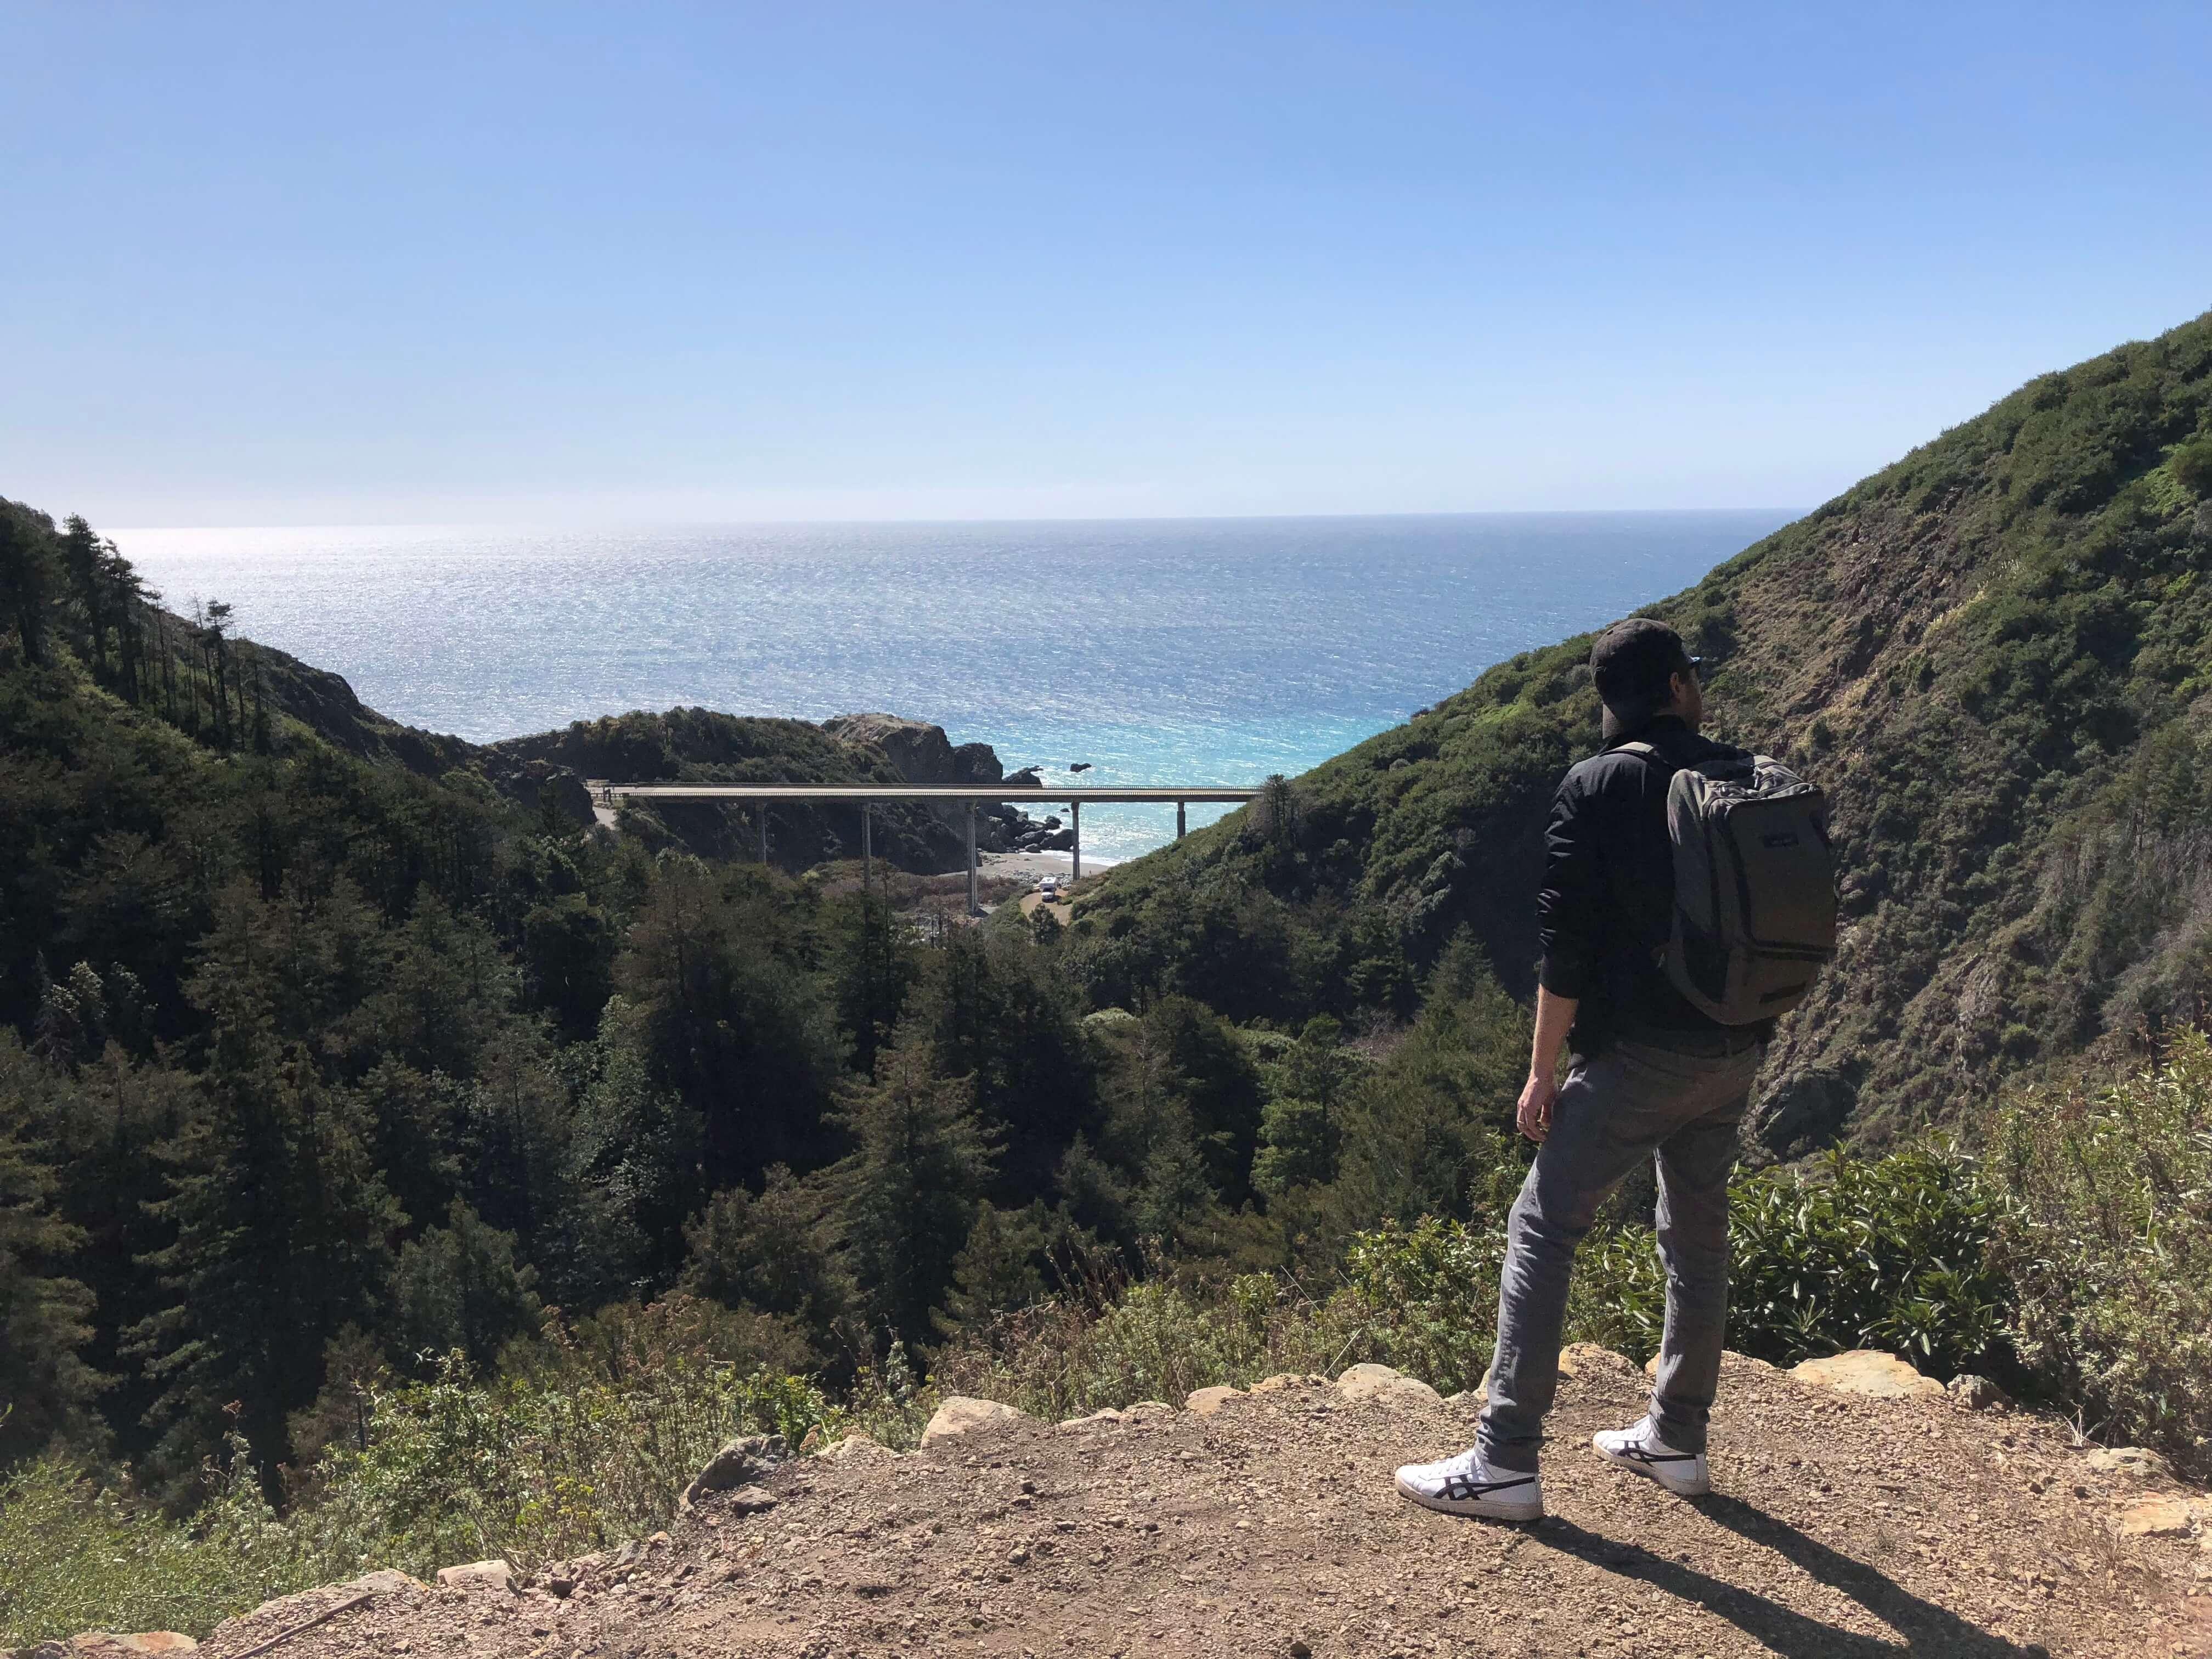 Limeklin State Park in big sur